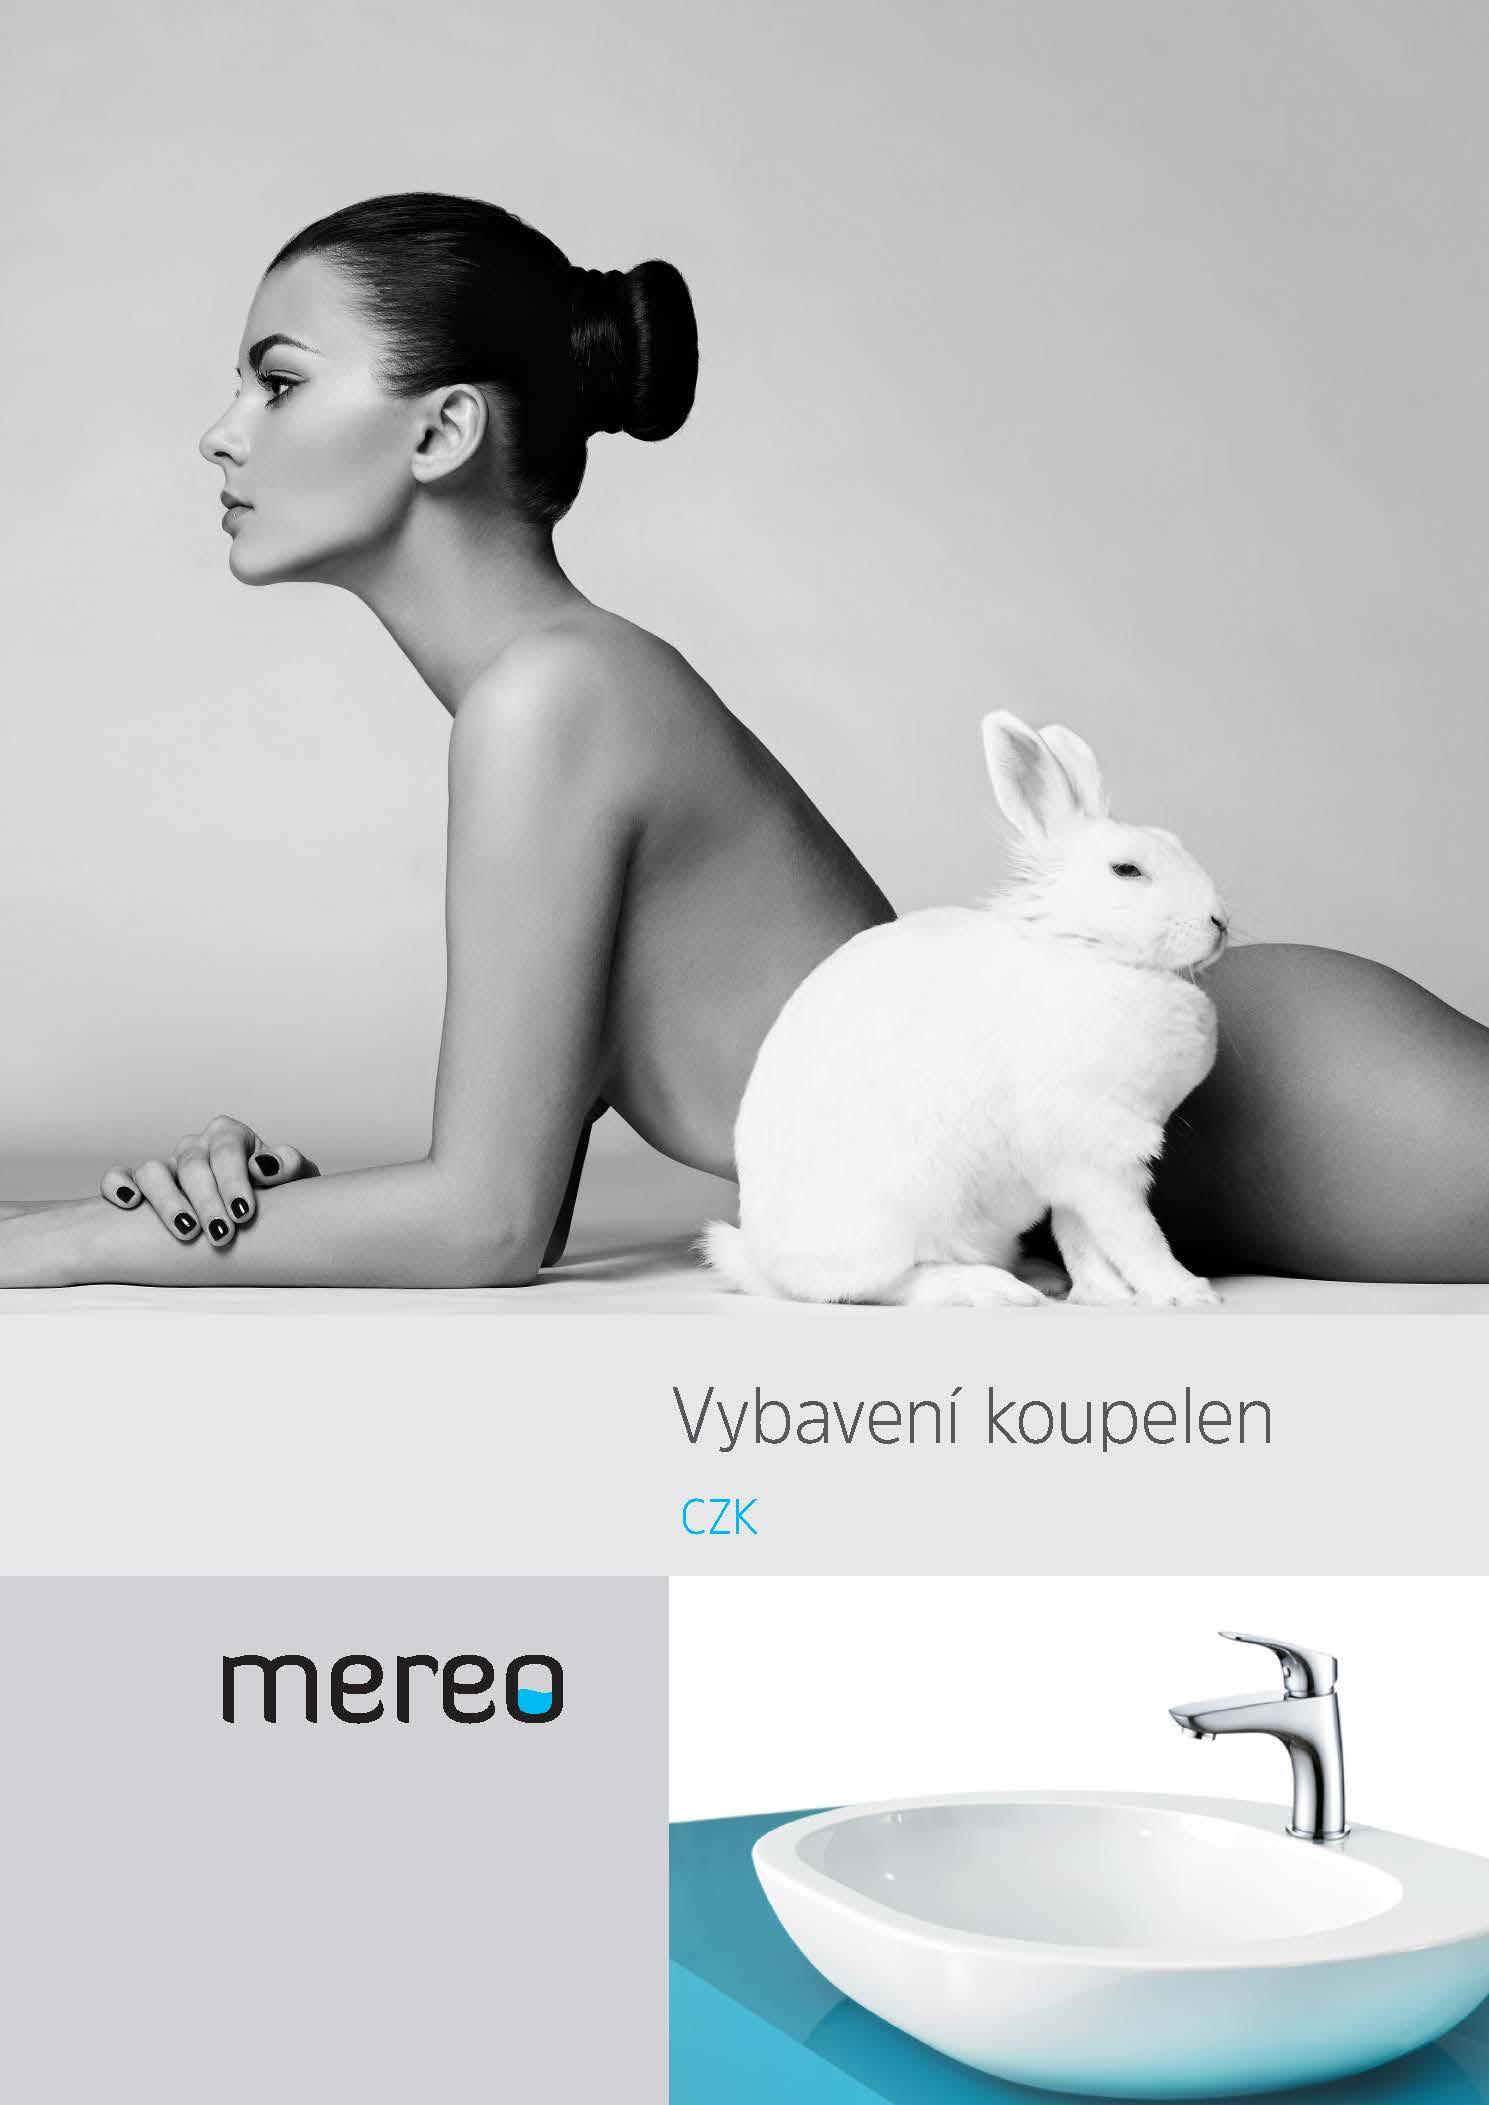 Mereo_CZK